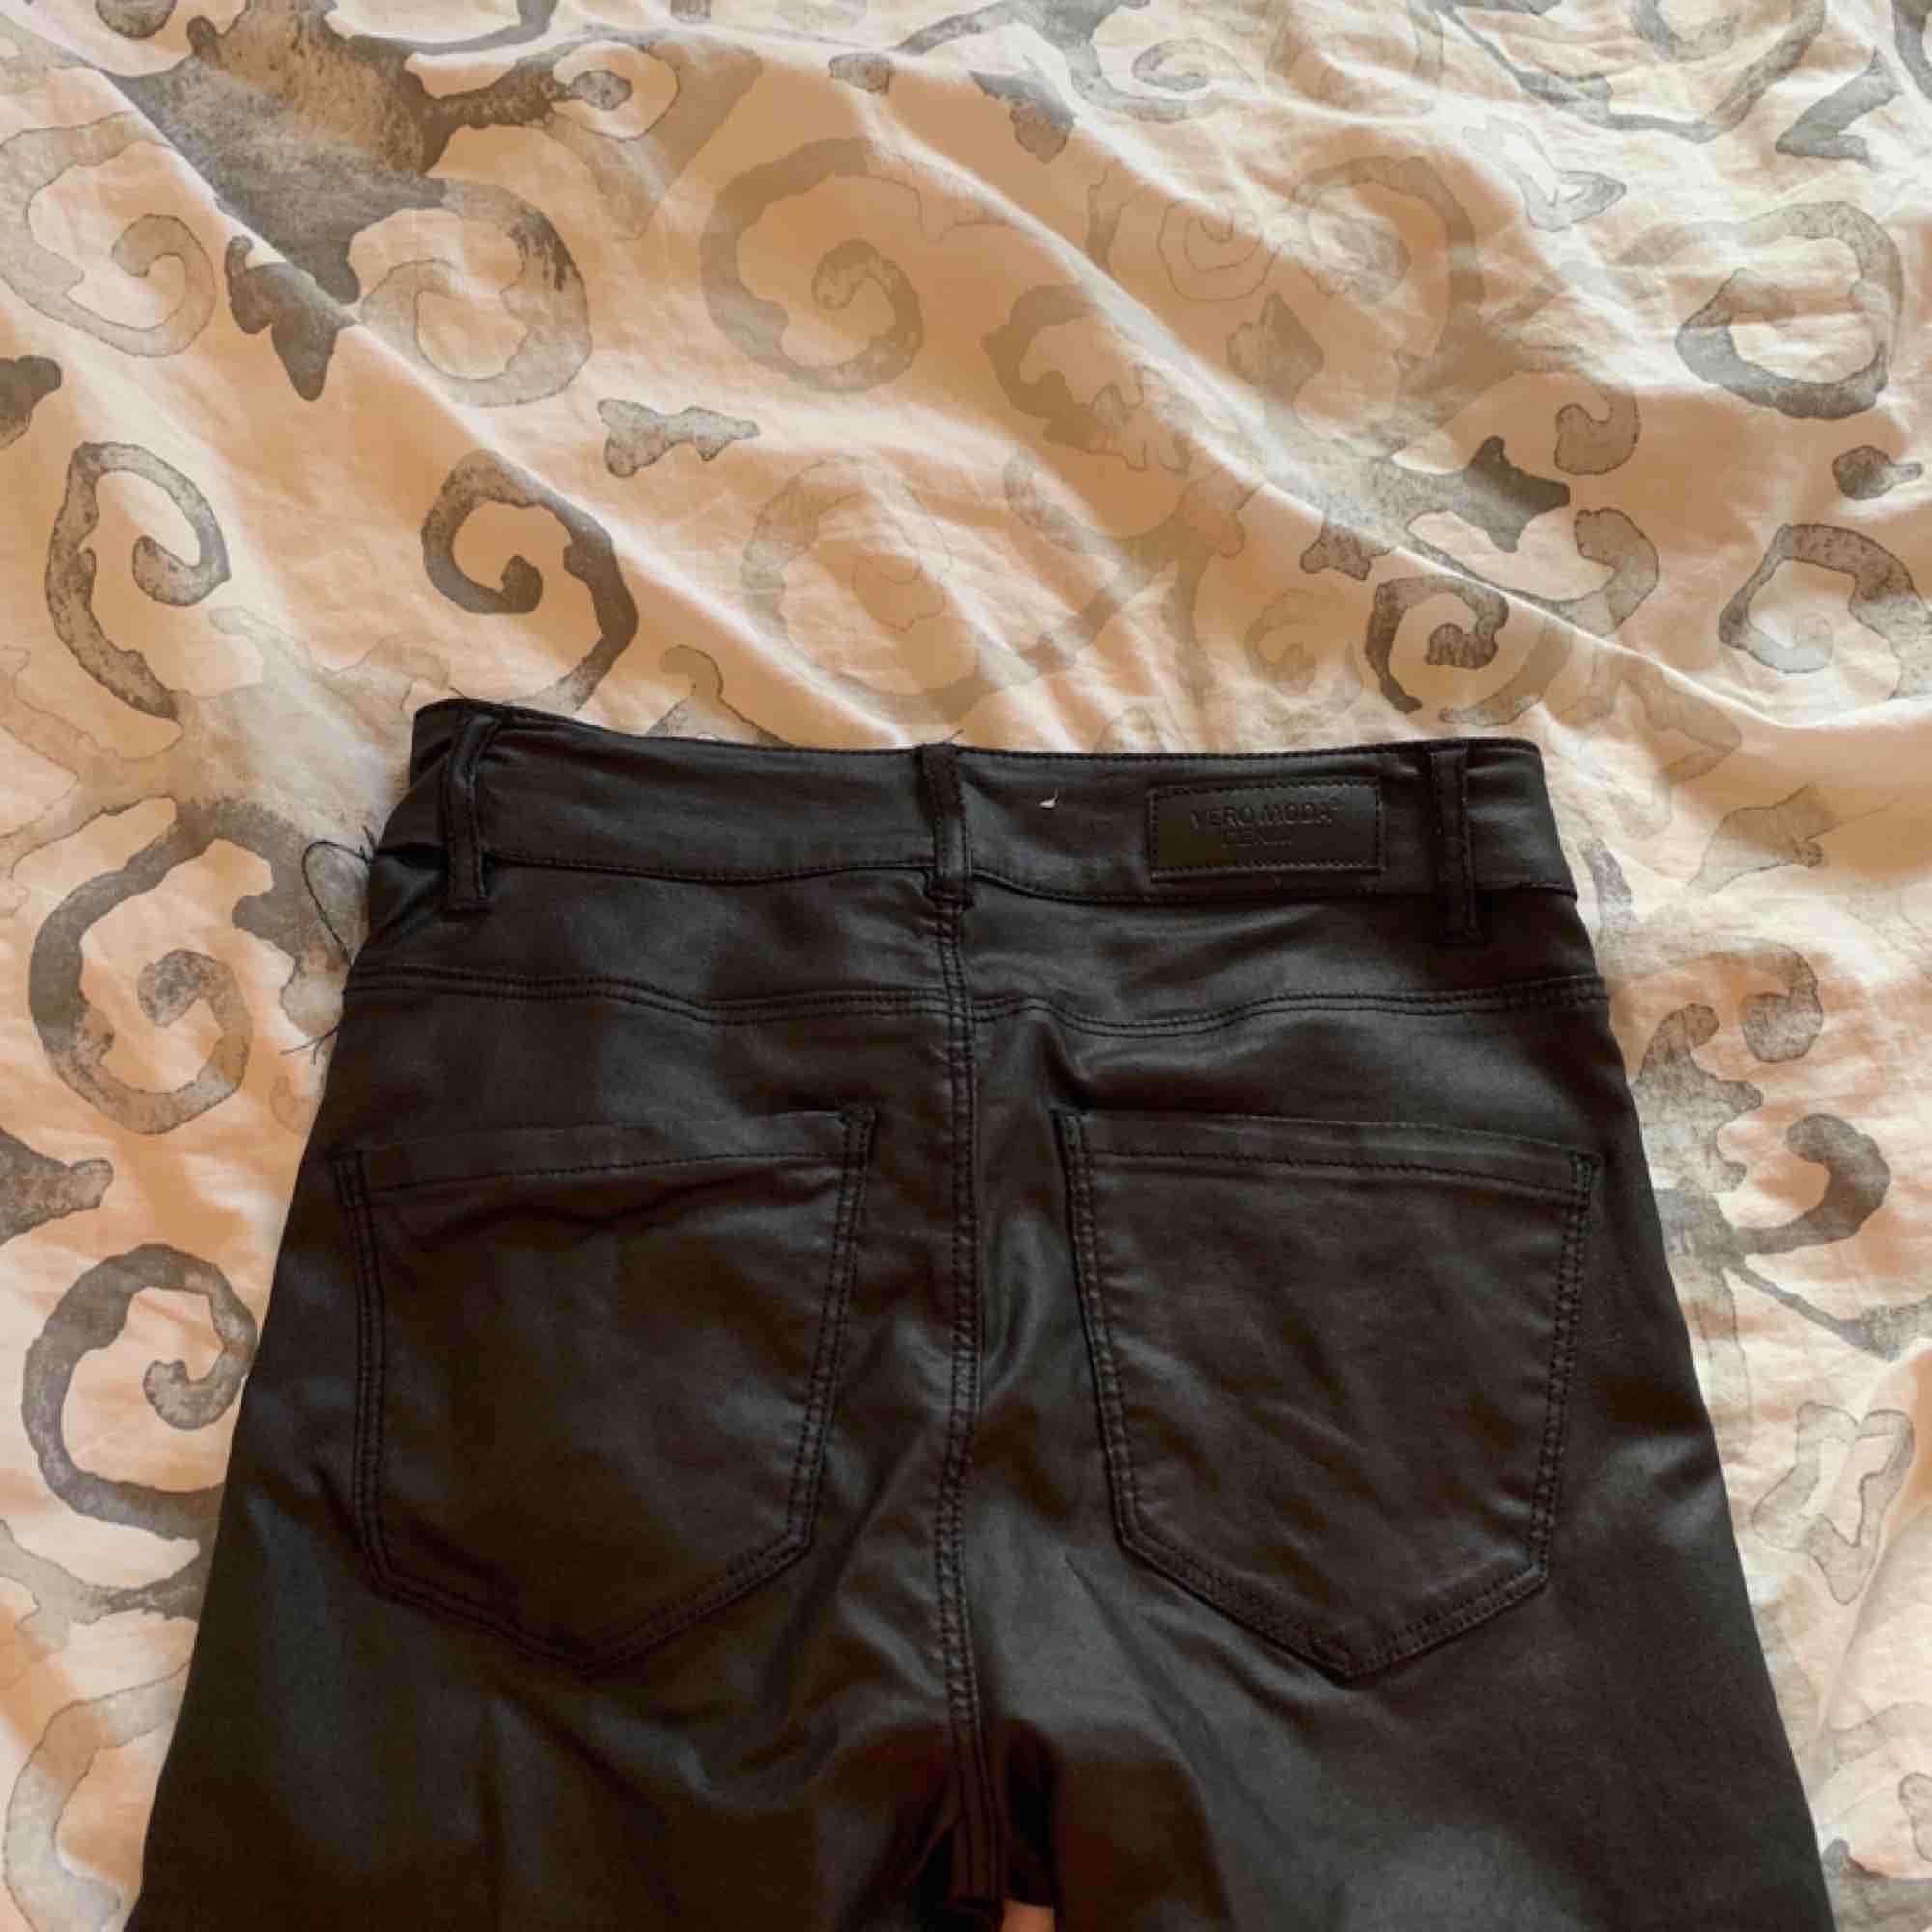 Högmidjade svarta jeans i fake skinn från vero moda storlek xs, fint skick förutom ett hål, går att laga. Möts upp i Stockholm eller fraktar.  Frakt kostar 59kr extra, postar med videobevis/bildbevis. Jag garanterar en snabb pålitlig affär!✨. Jeans & Byxor.